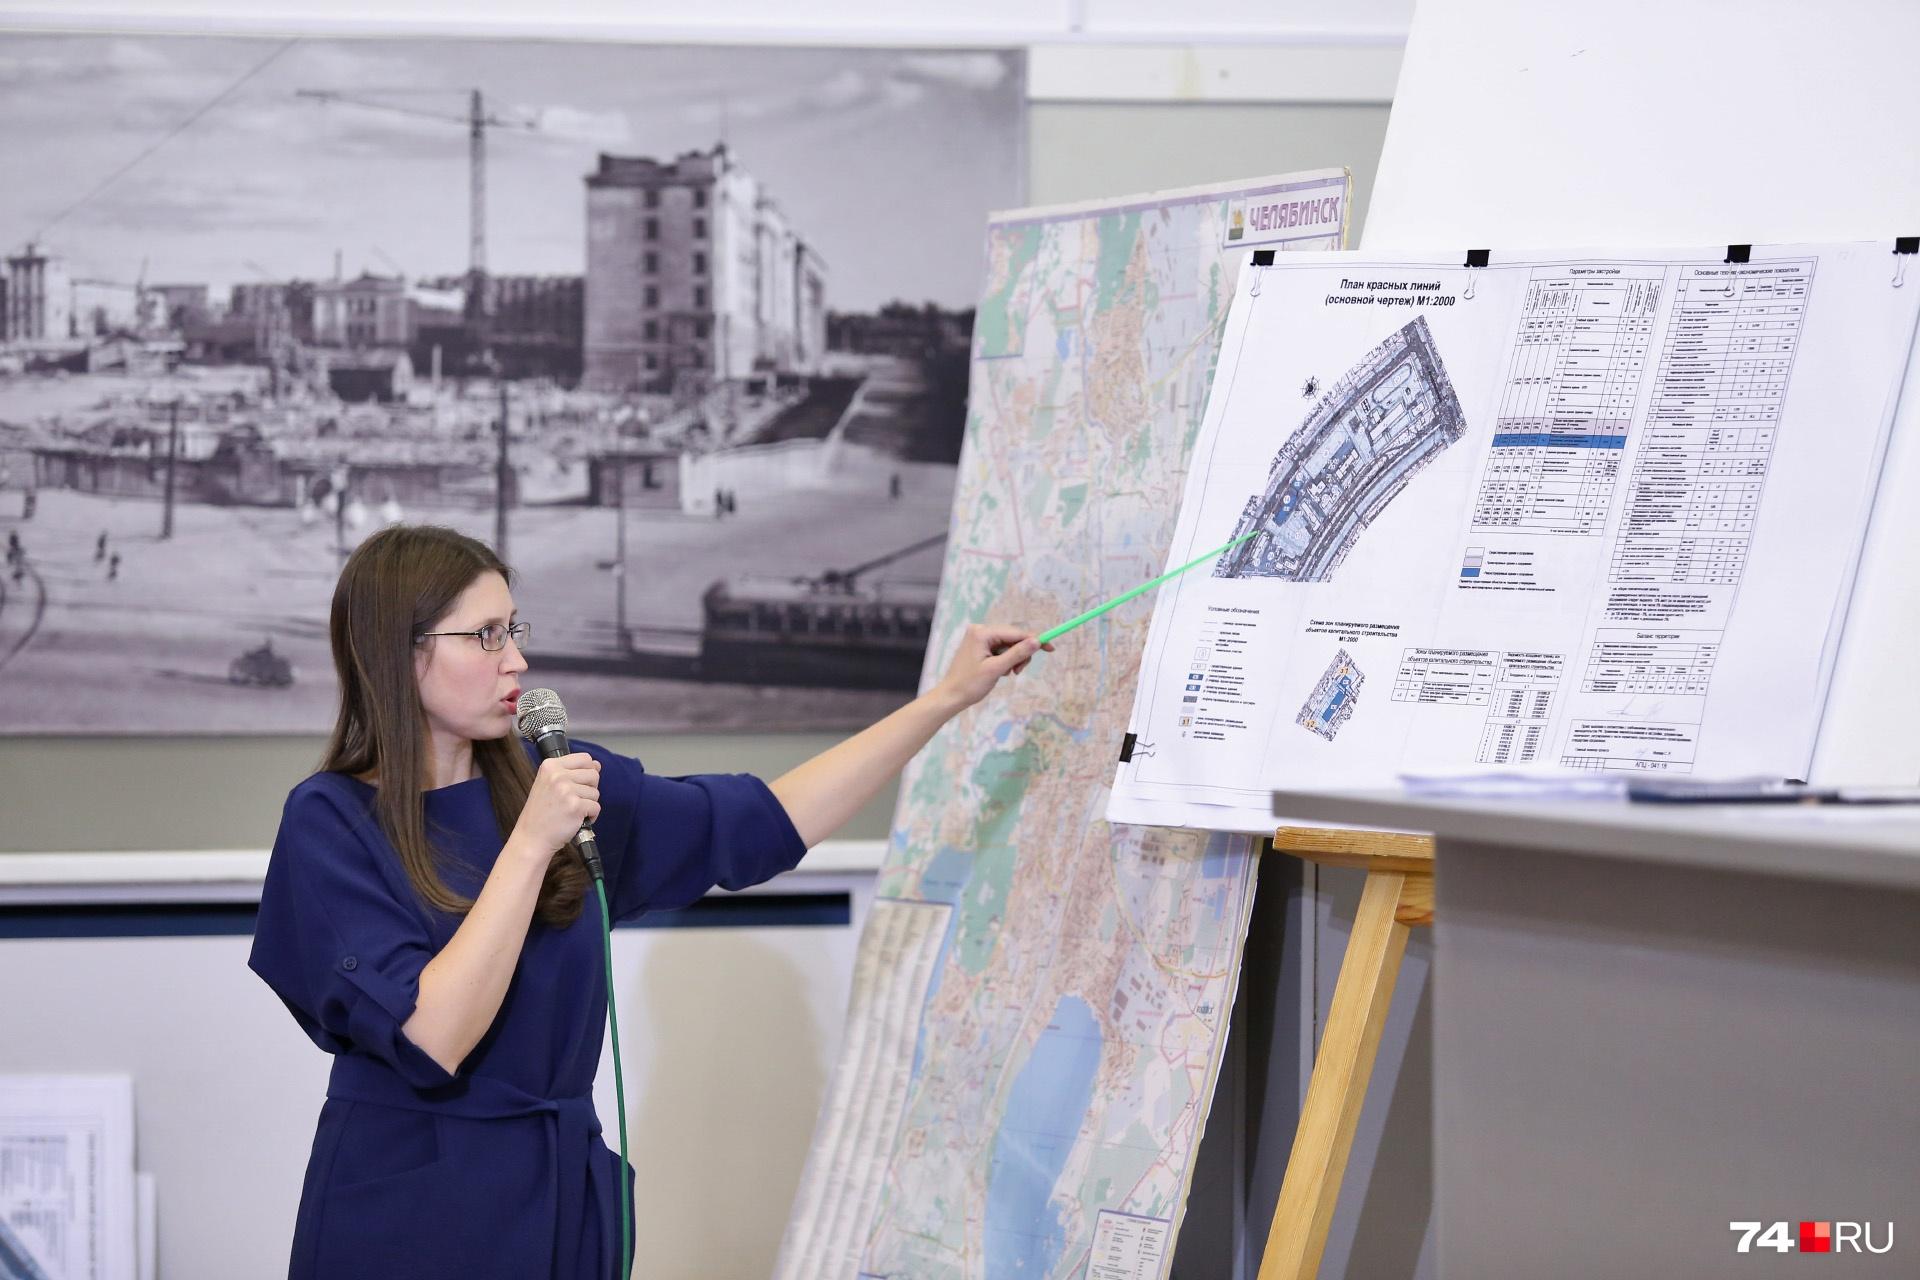 Проектировщик рассказала, что рядом со старым зданием планируется размещение ещё одного учебного корпуса